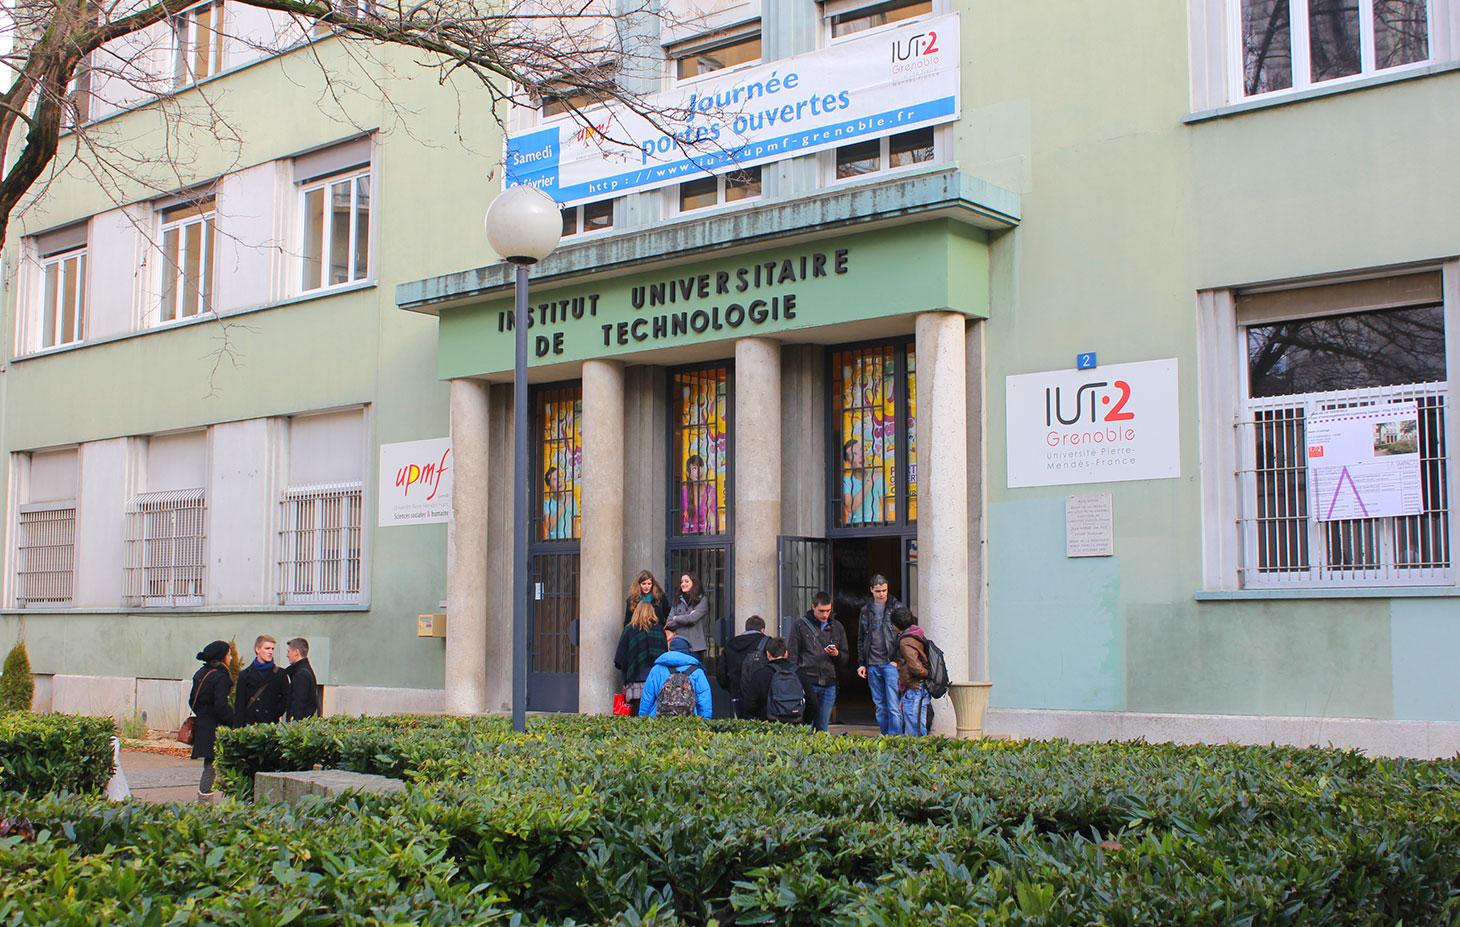 Batiment IUT 2 de Grenoble